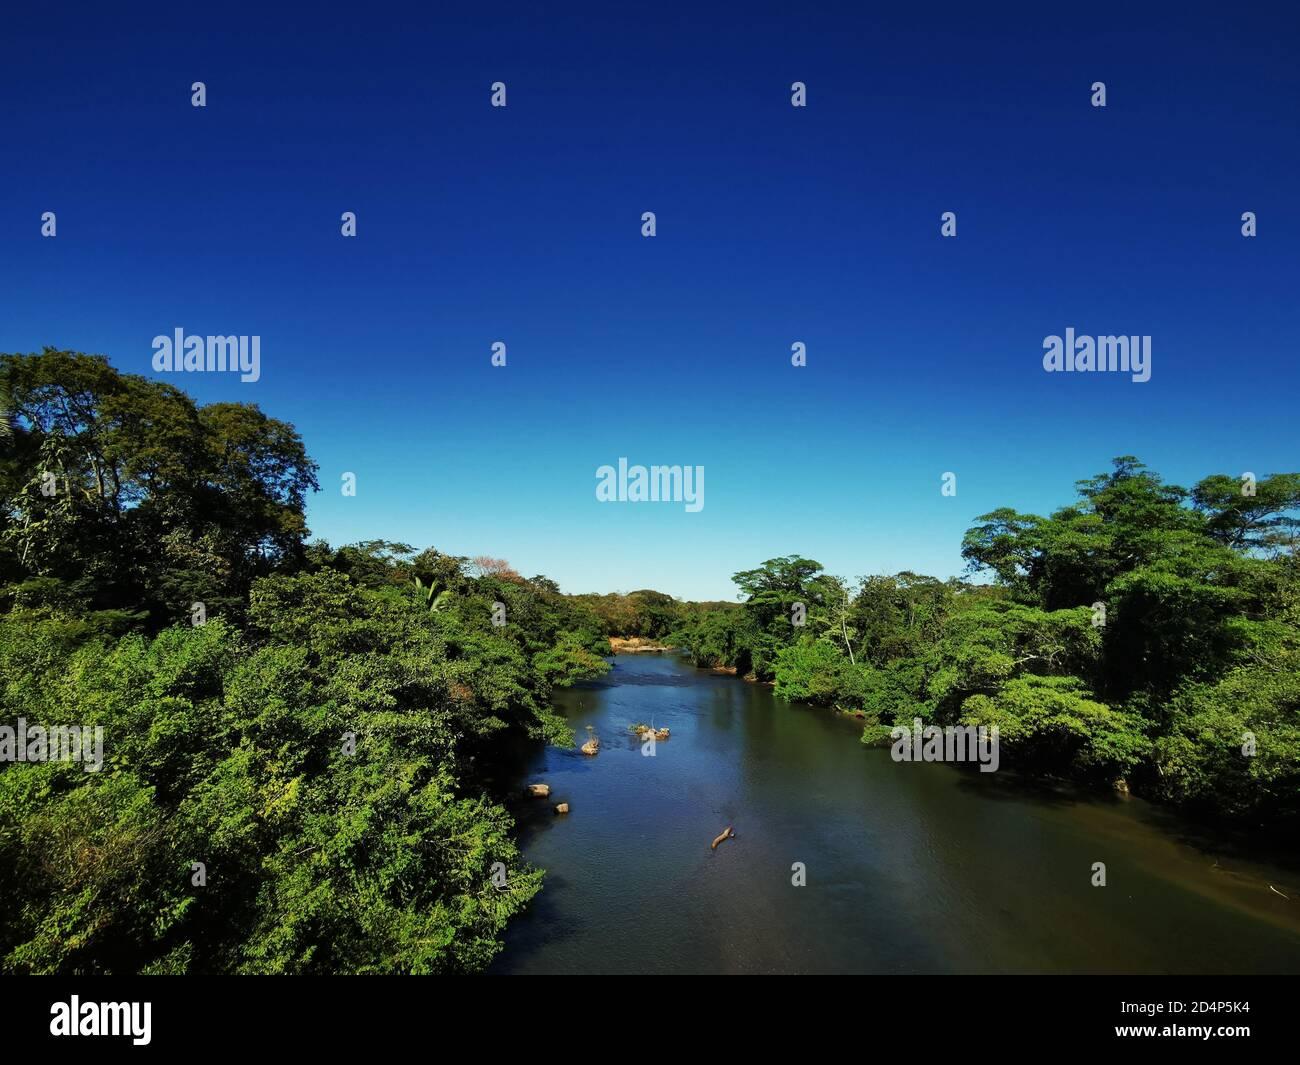 View upriver of the Cuiaba river, Mato grosso, Brazil Stock Photo